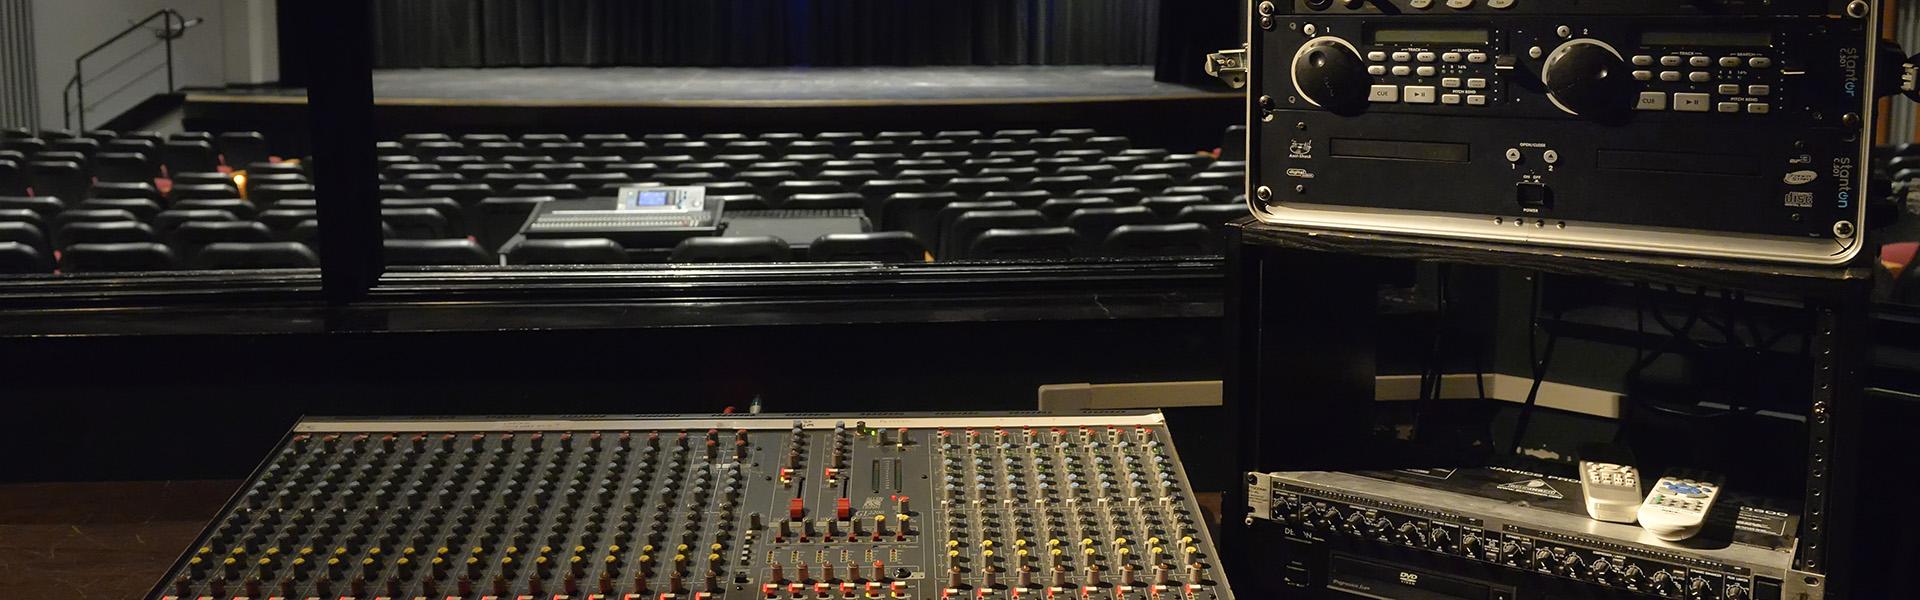 Console maîtresse dans la régie principale avec équipement fourni.